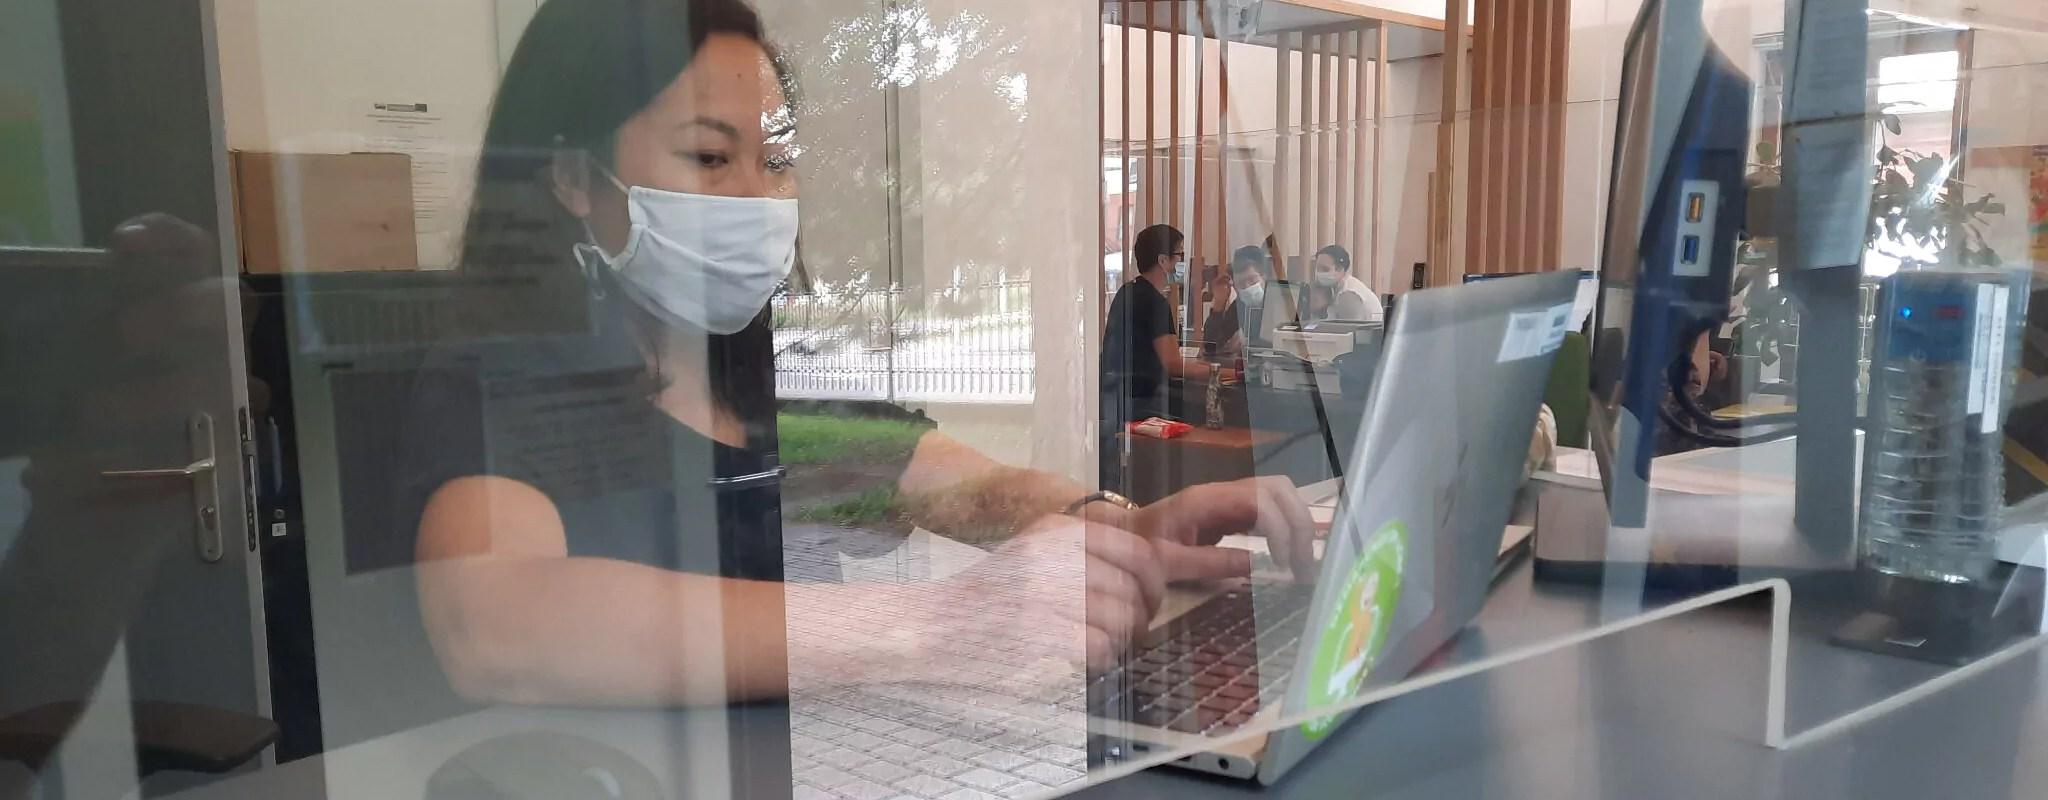 Face à la multiplication des démarches numériques, un accompagnement dépassé dans les quartiers